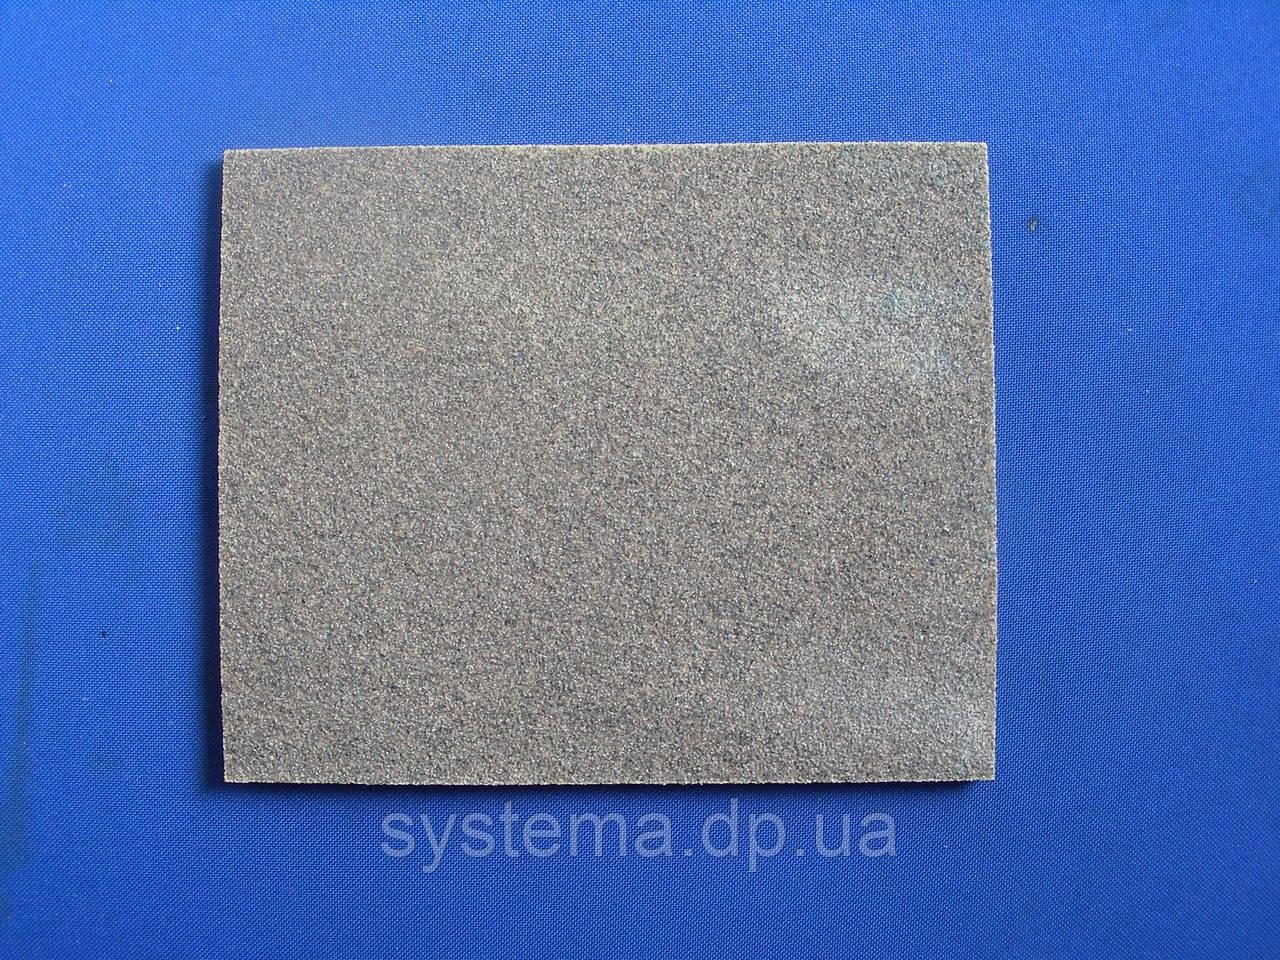 3M™ Flexible Foam Sanding Sponge - Гибкая абразивная губка на поролоновой основе 115х140х5 мм, MED, 3M 28165